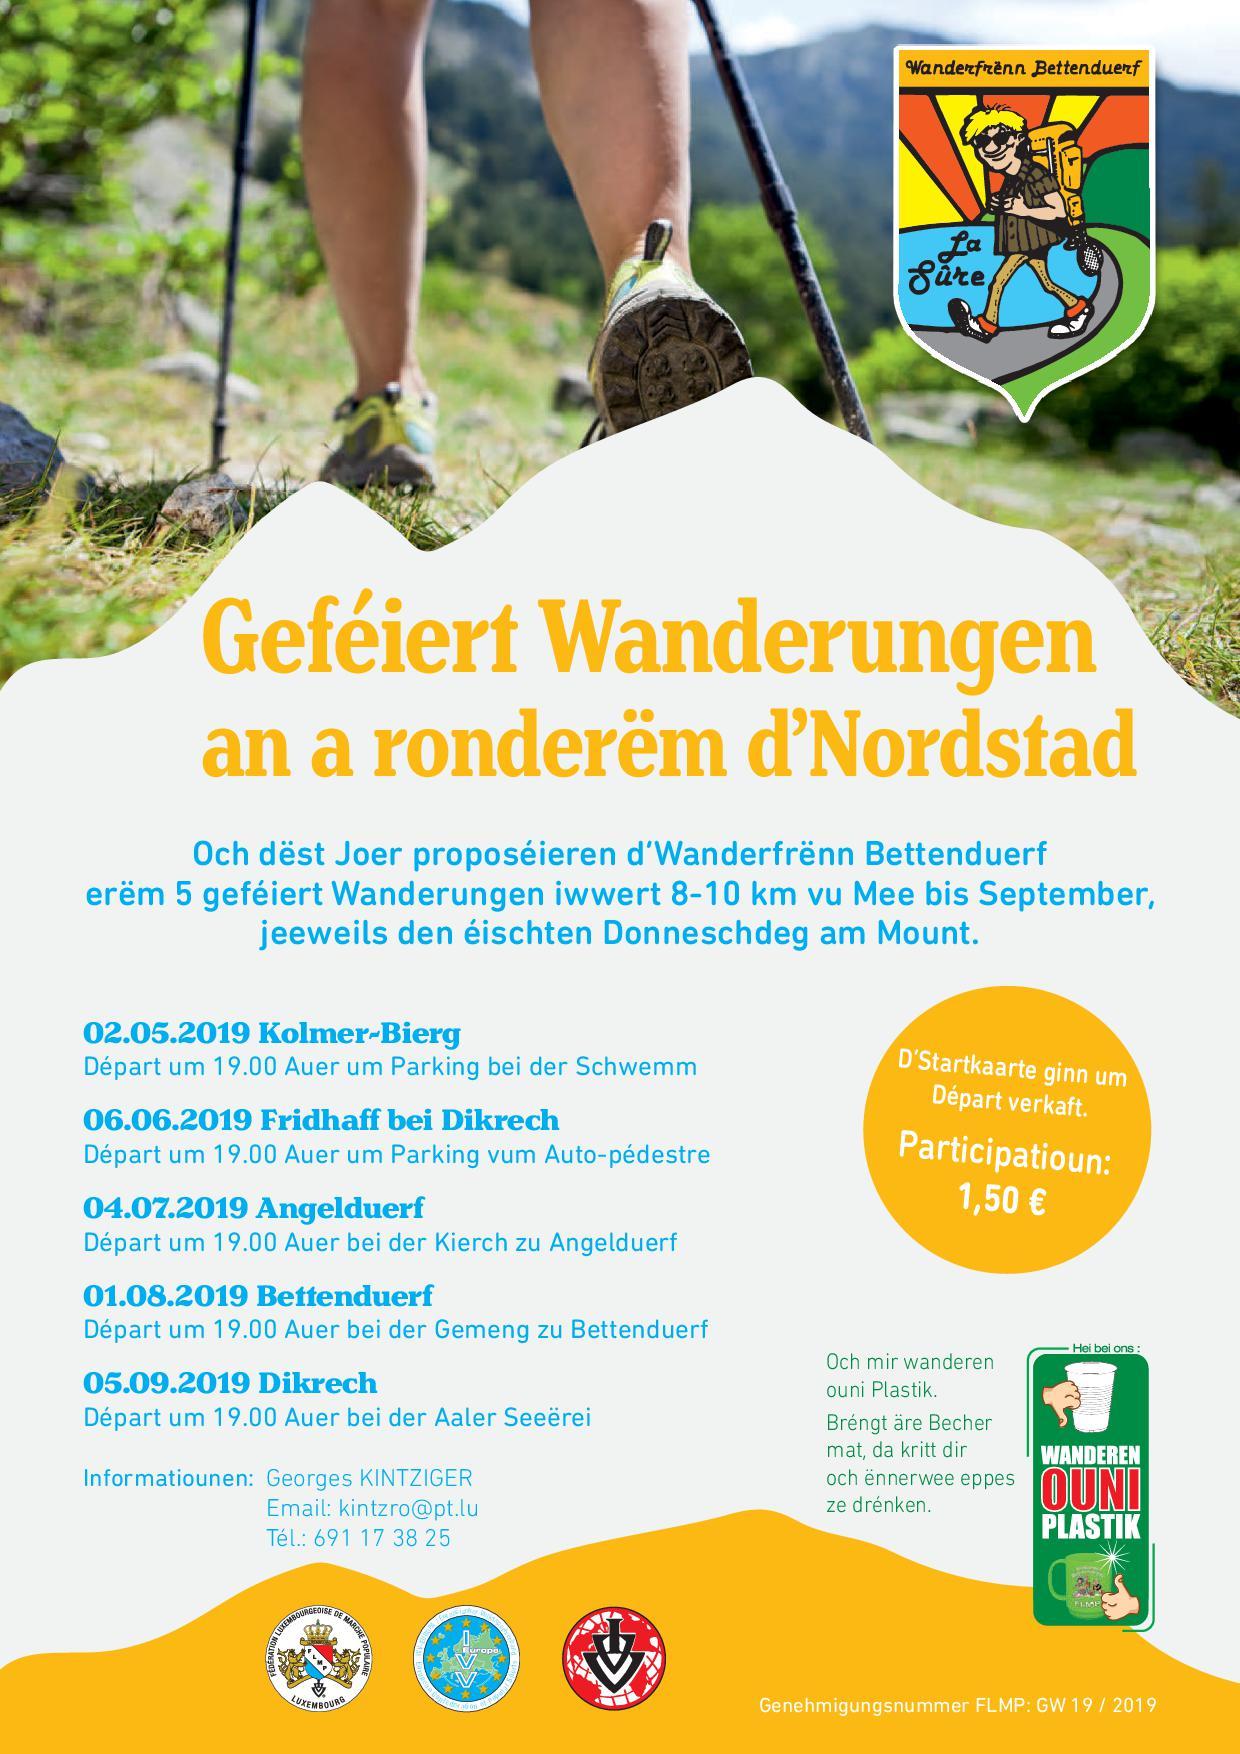 Colmar-Berg Flmp Ivv geféiert Wanderung